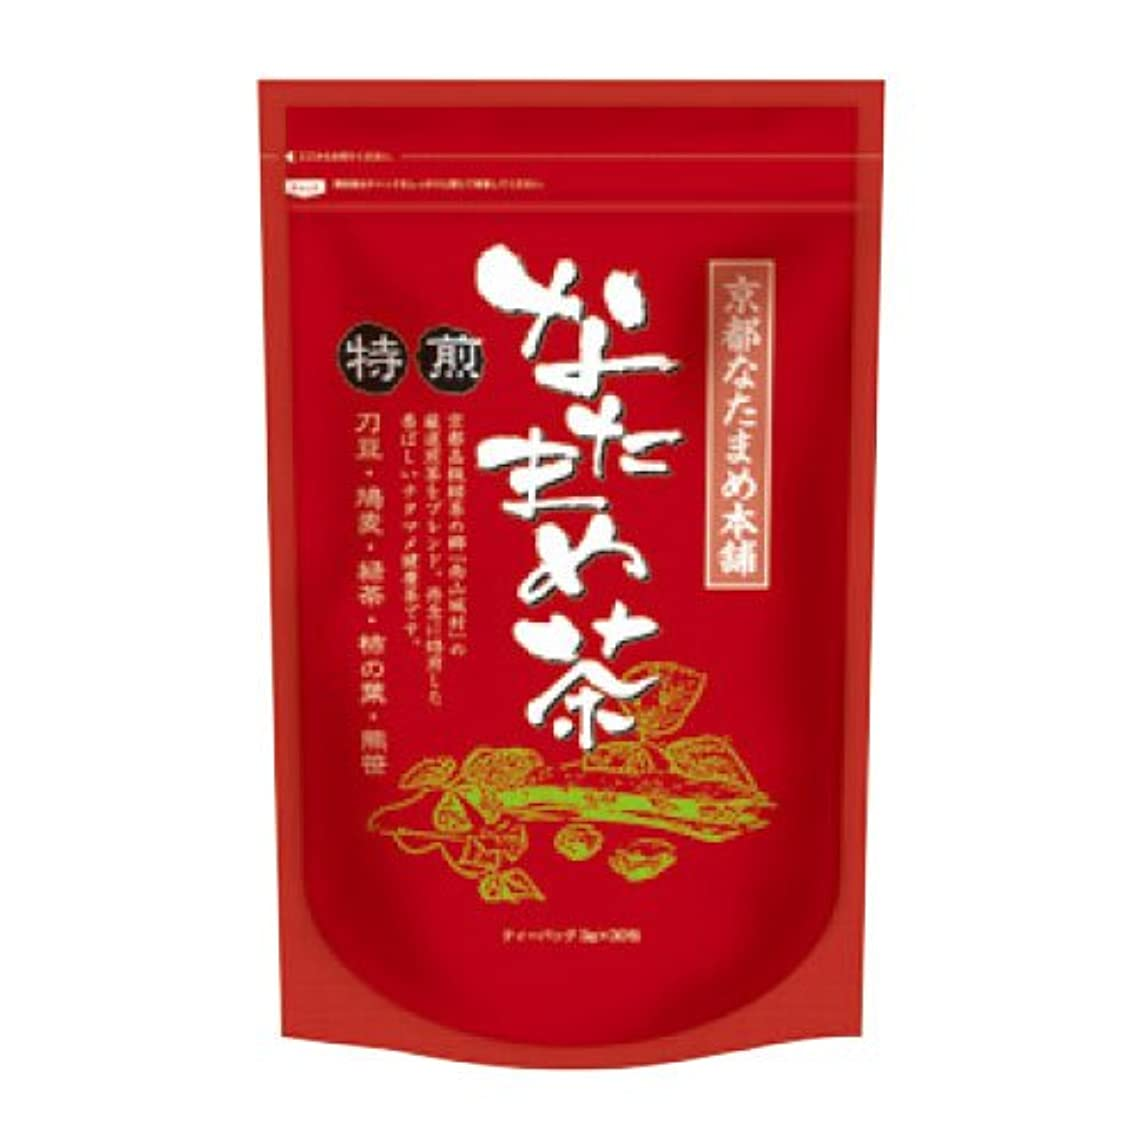 痛みパフ商業のナチュラルガーデン 特煎なたまめ茶 1袋